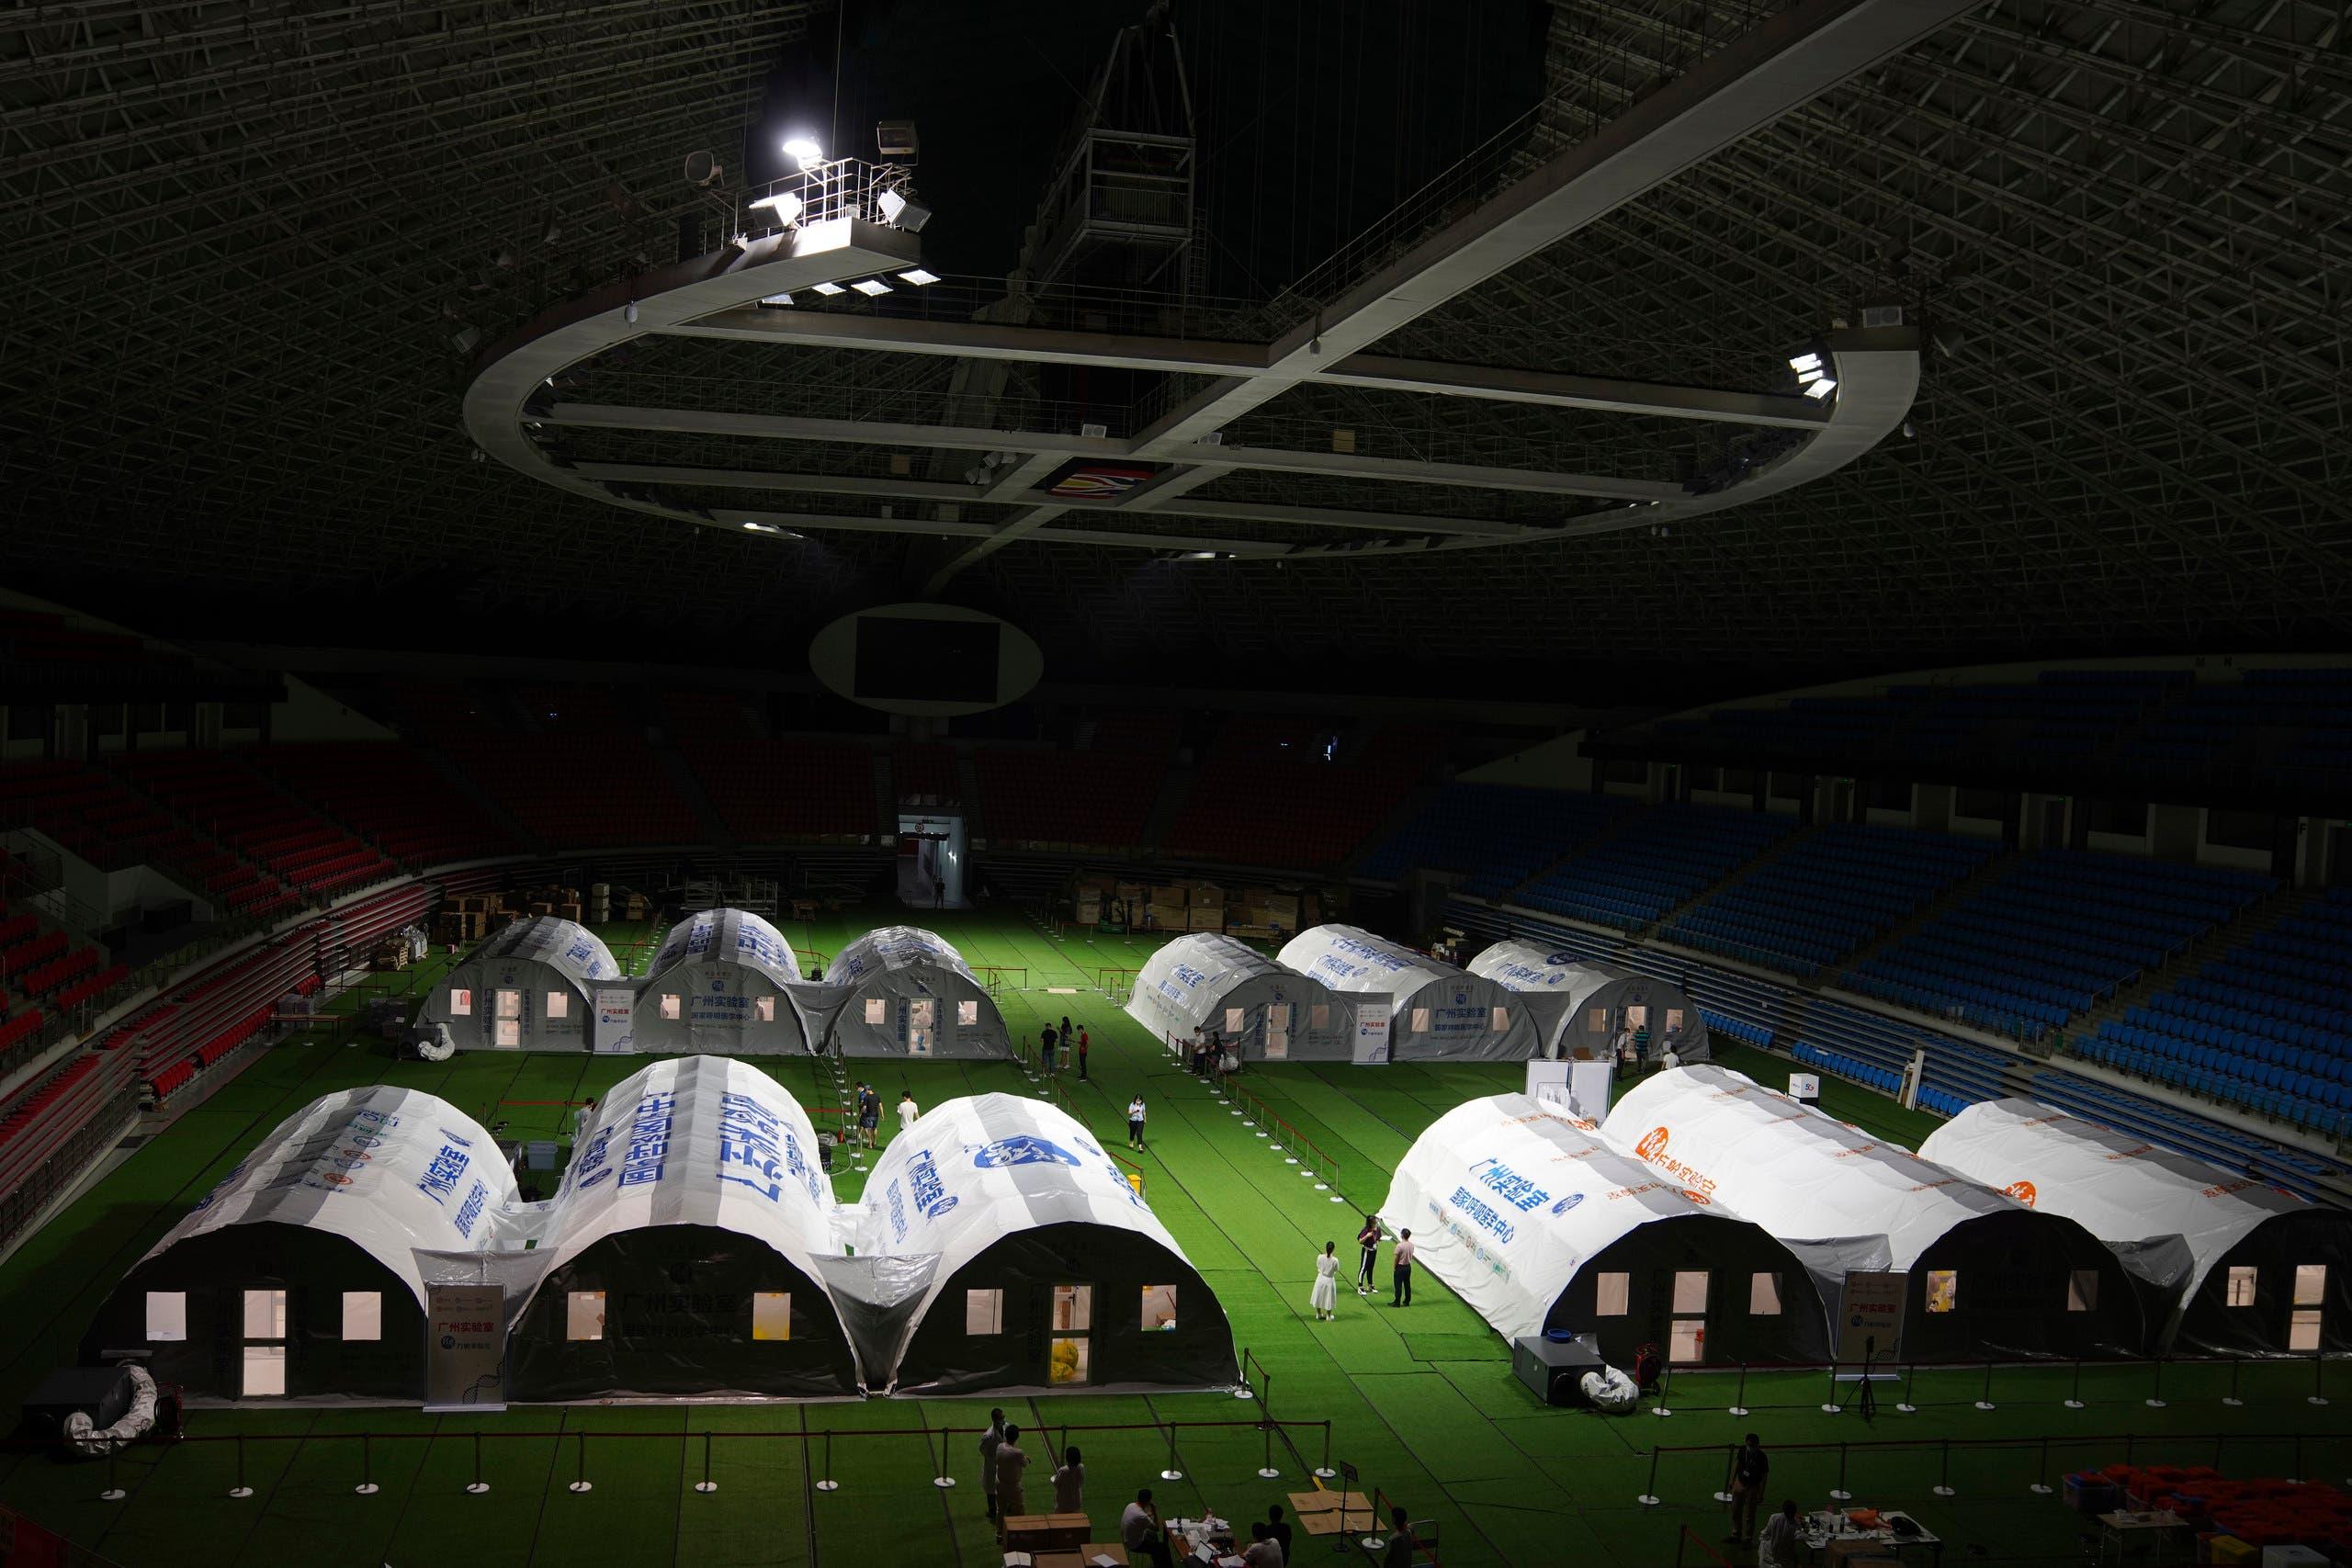 مركز أقيم في ملعب في قوانغتشو لإجراء فحوصات كورونا